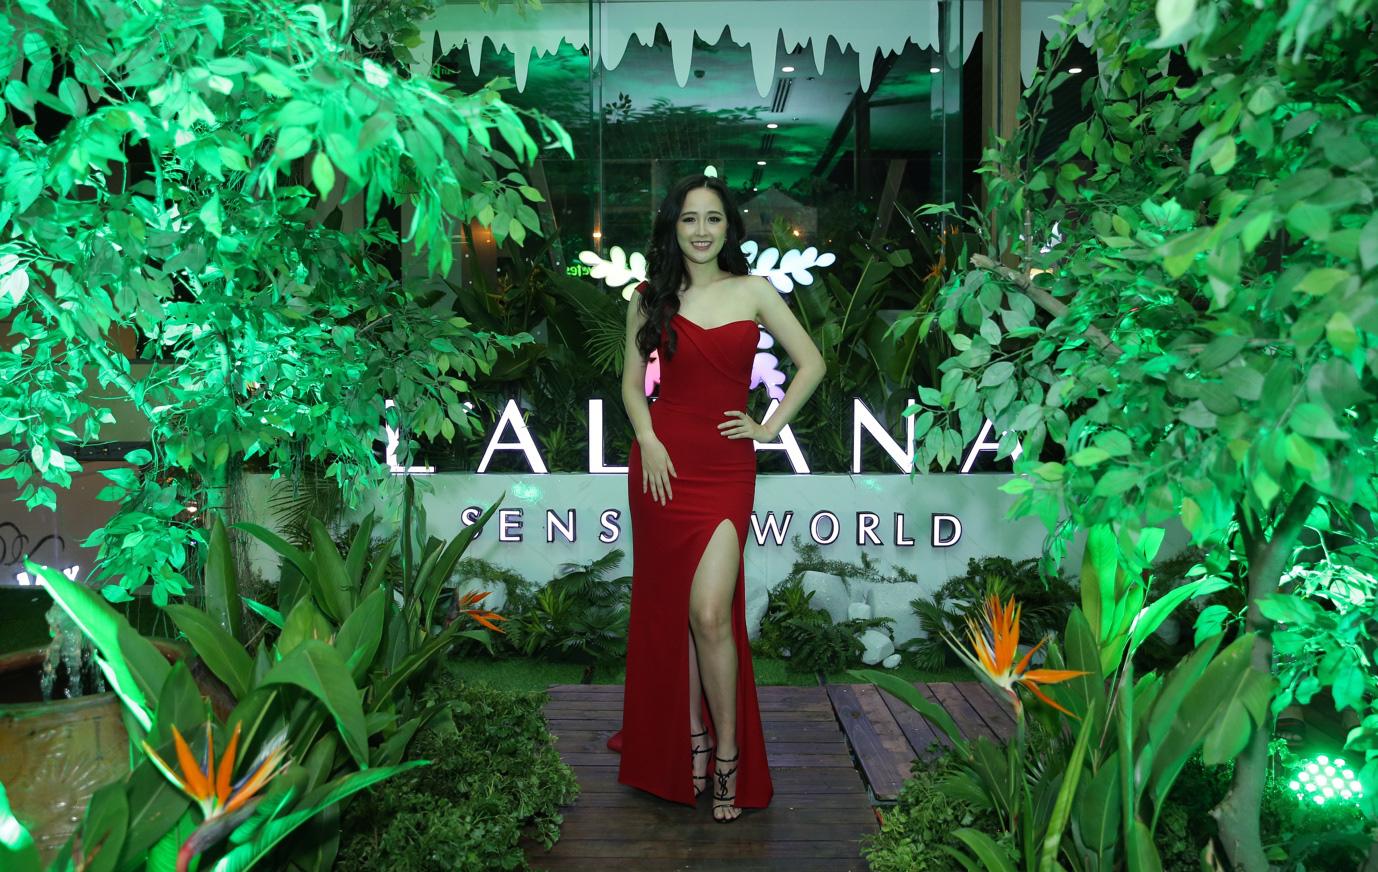 Phú Long giới thiệu thế giới nghỉ dưỡng hùng vĩ LAlyana Senses World Phú Quốc - Ảnh 1.